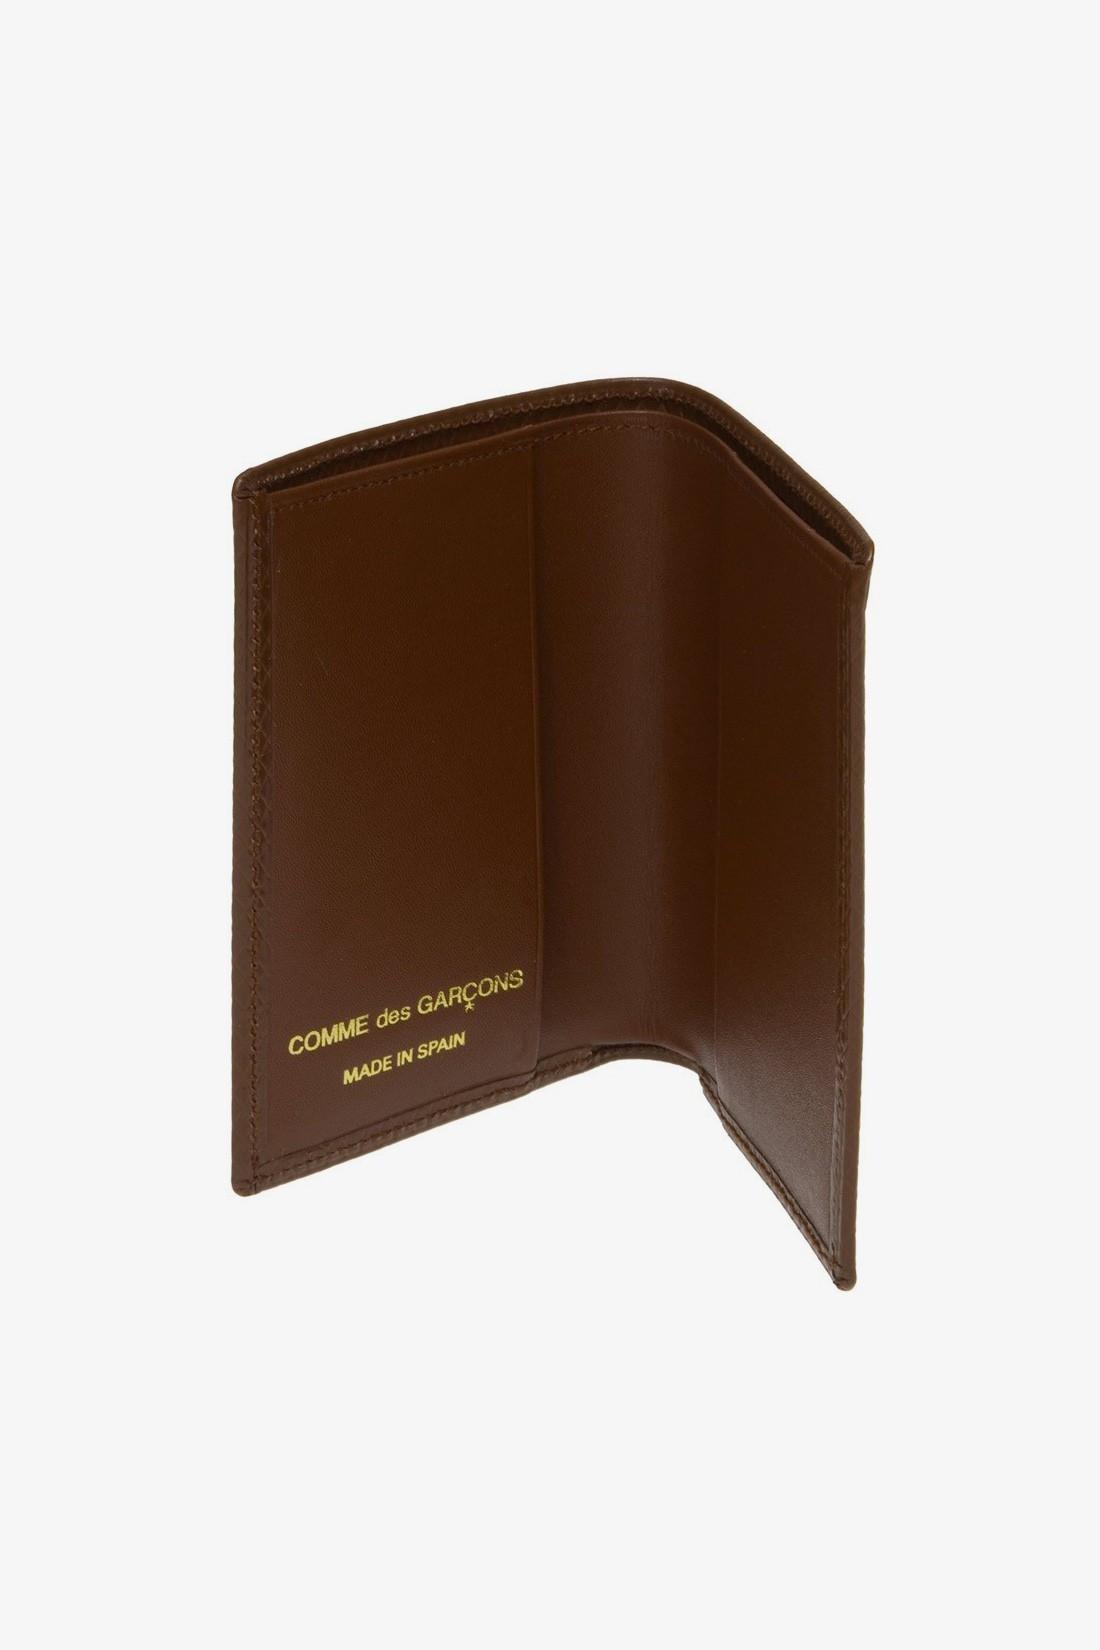 / Cdg luxury group 6400lg Brown